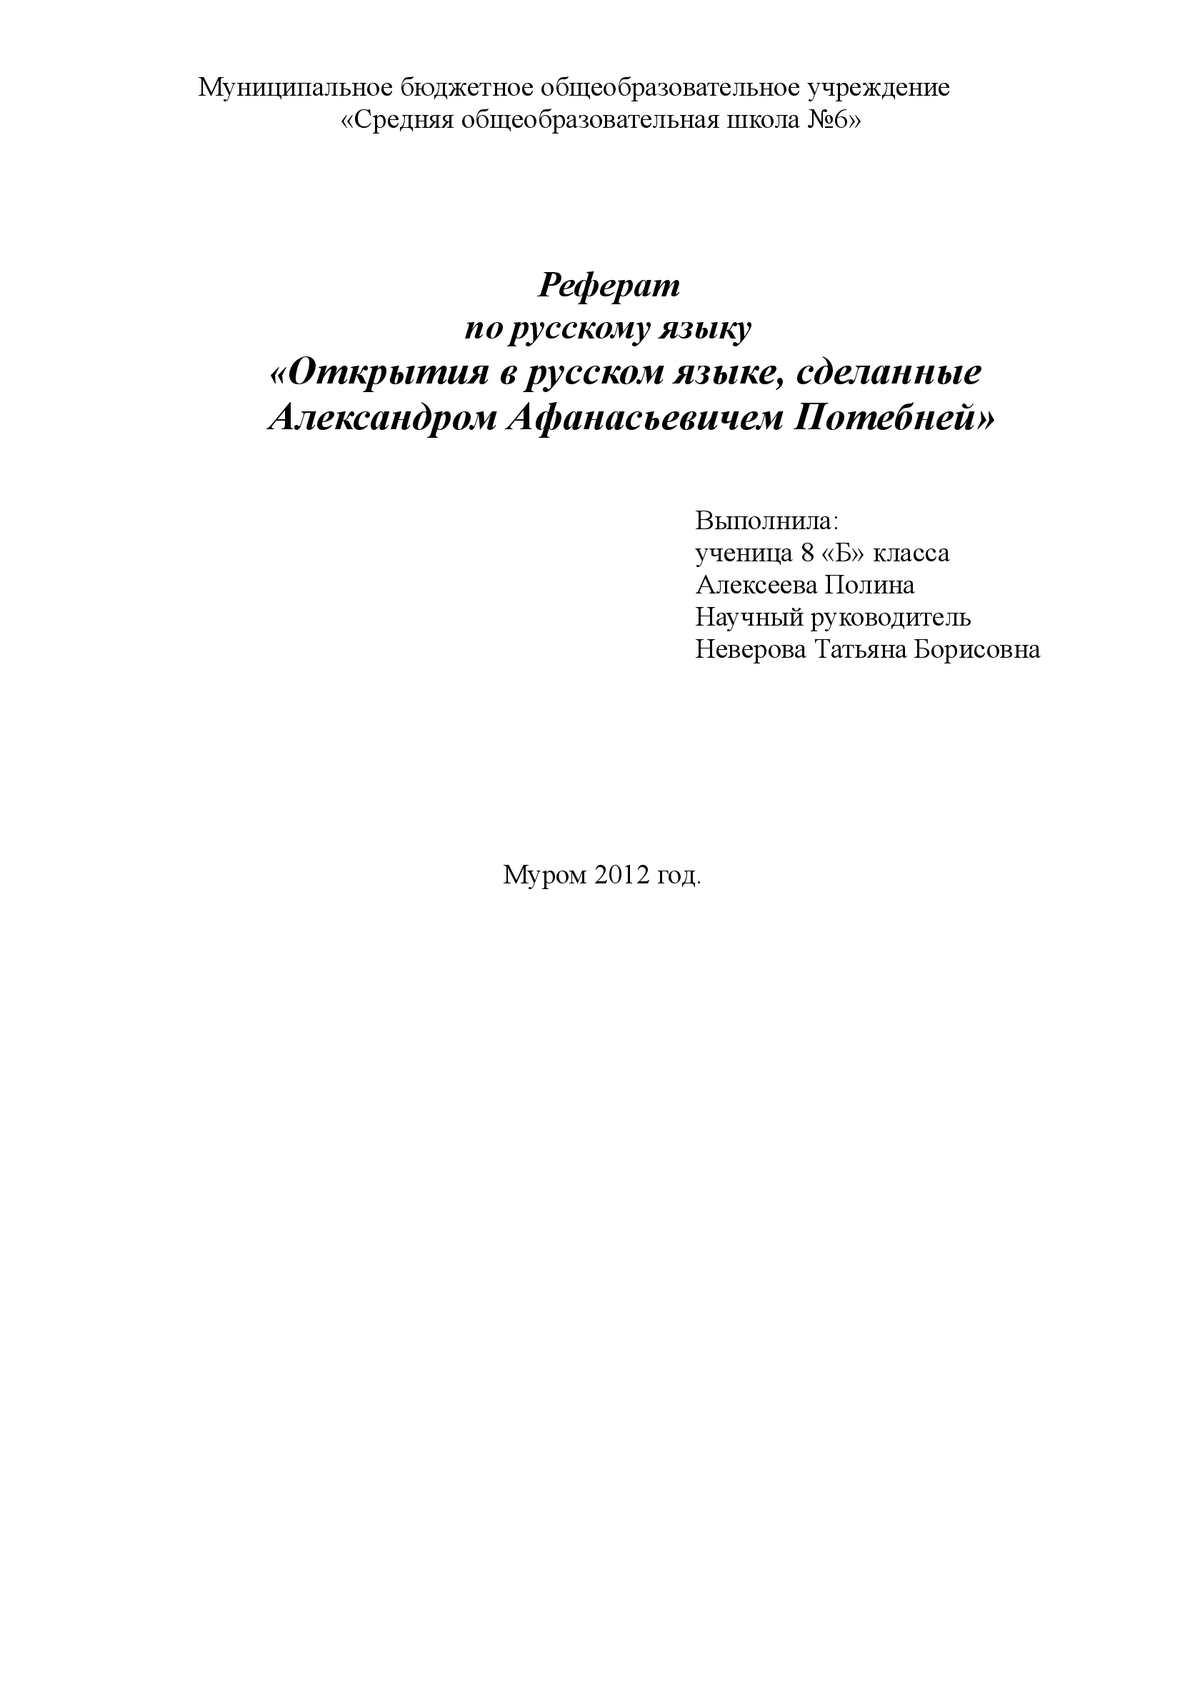 Рефераты по русскому языку 9766